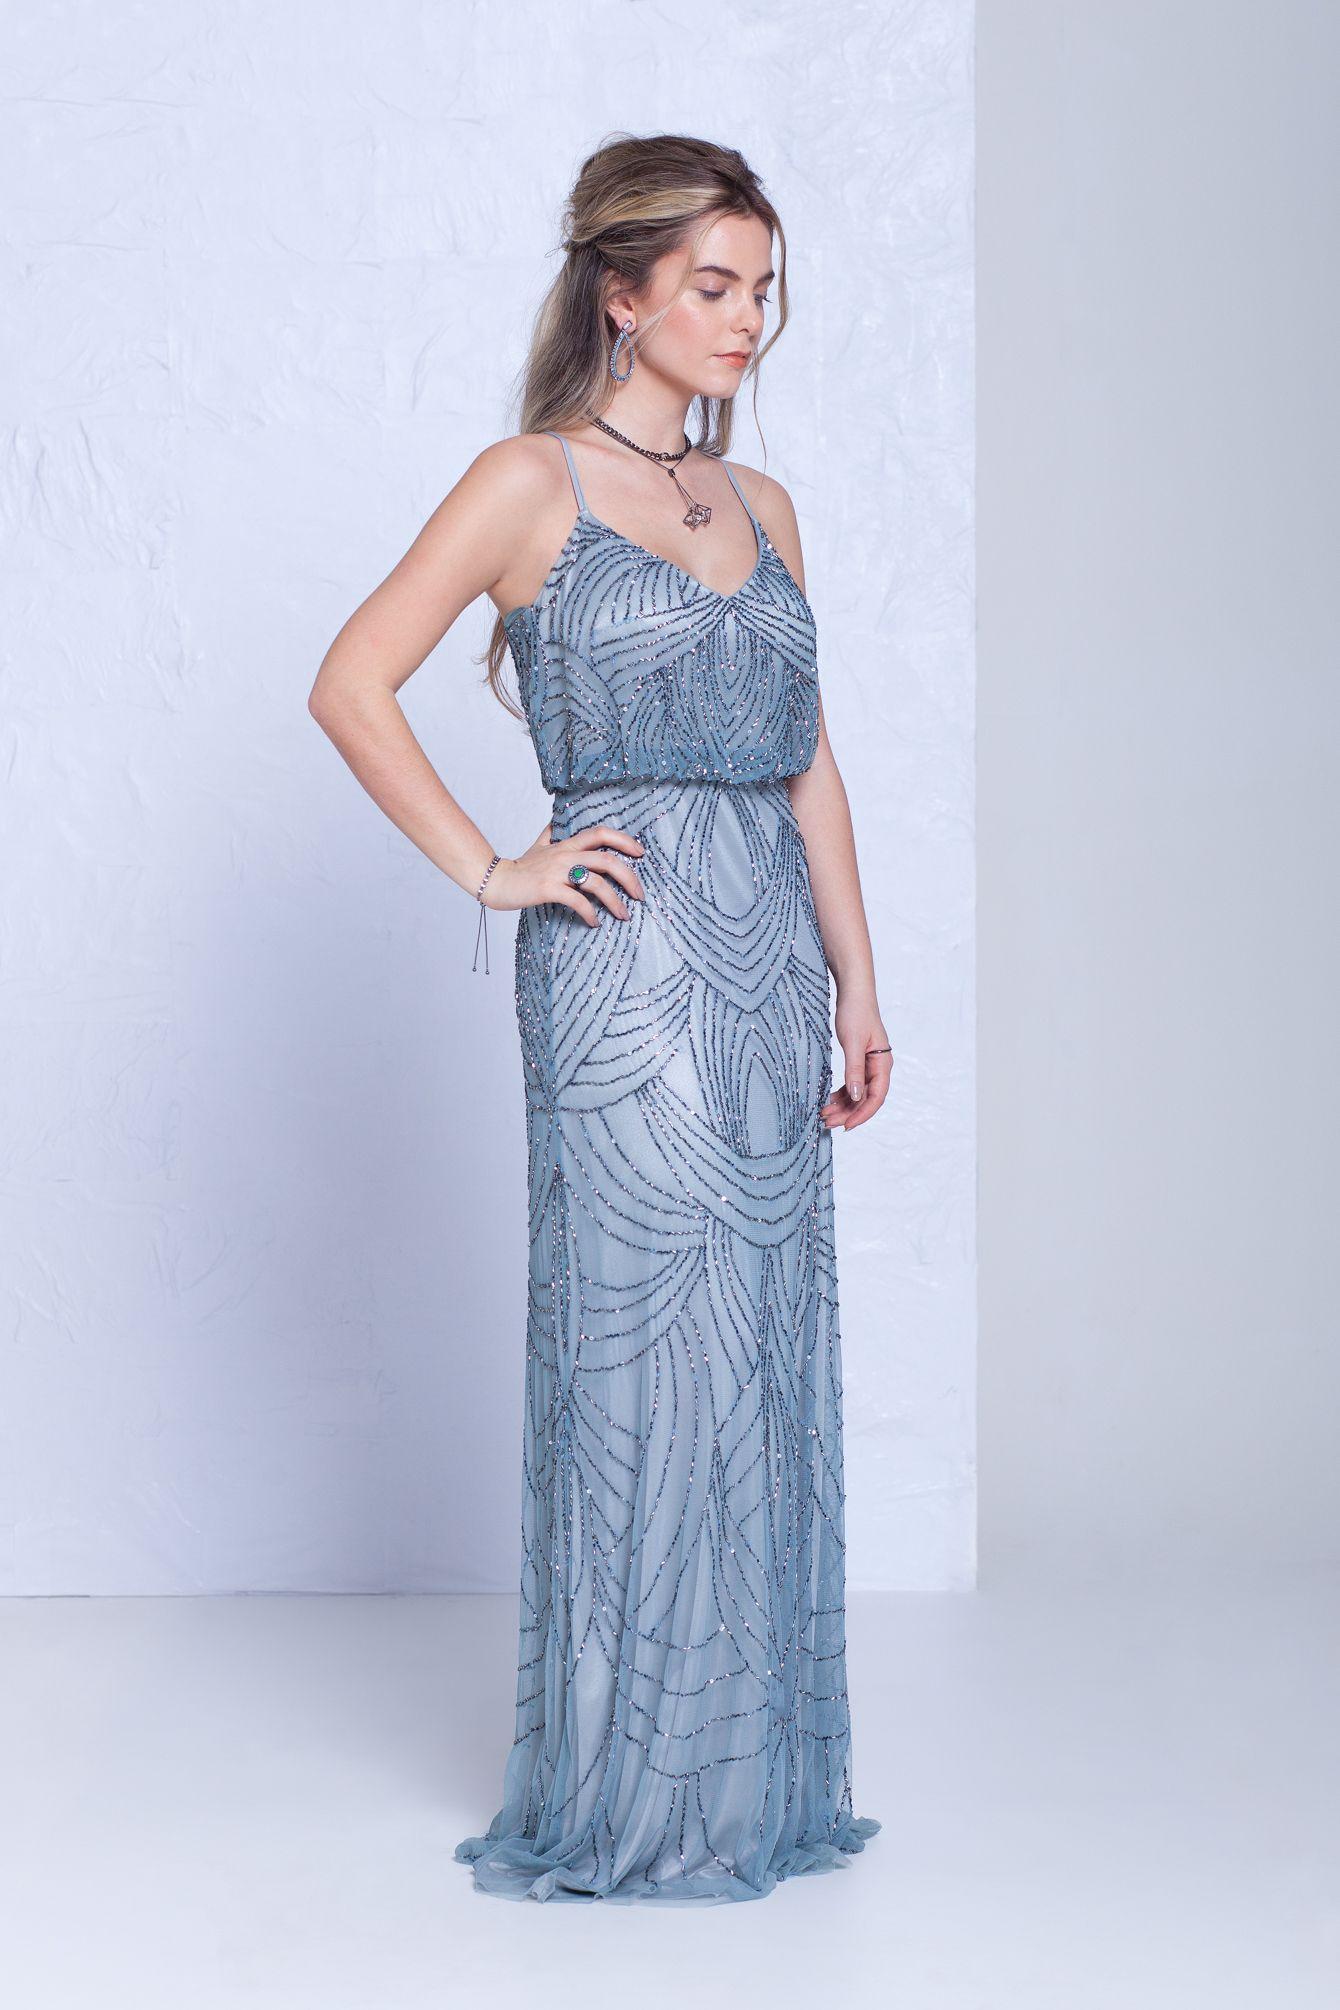 Veja Vestidos de Festa Incríveis para Alugar Online! Tendências 2018 para  ✓Madrinhas ✓Formandas ✓Convidadas ✓Mãe da Noiva ✓Grávidas entre outras ... 8e65358884